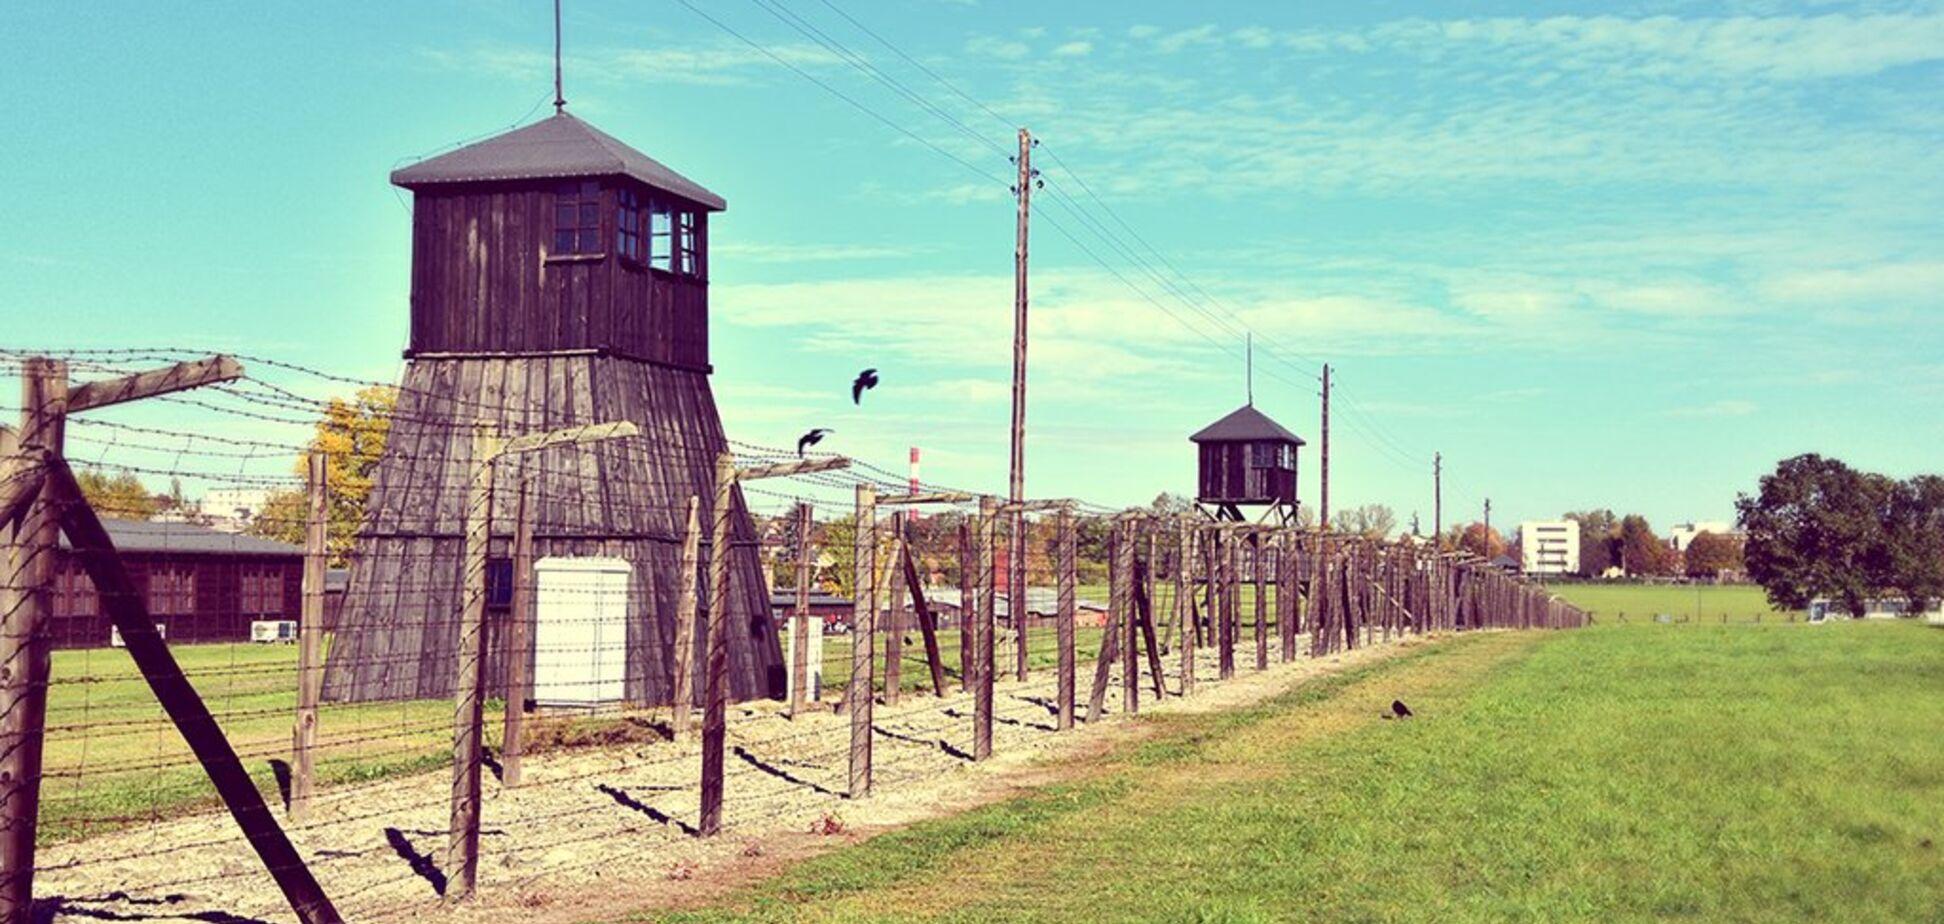 День памяти жертв Холокоста: экскурсия в крупнейший лагерь смерти СС Майданек